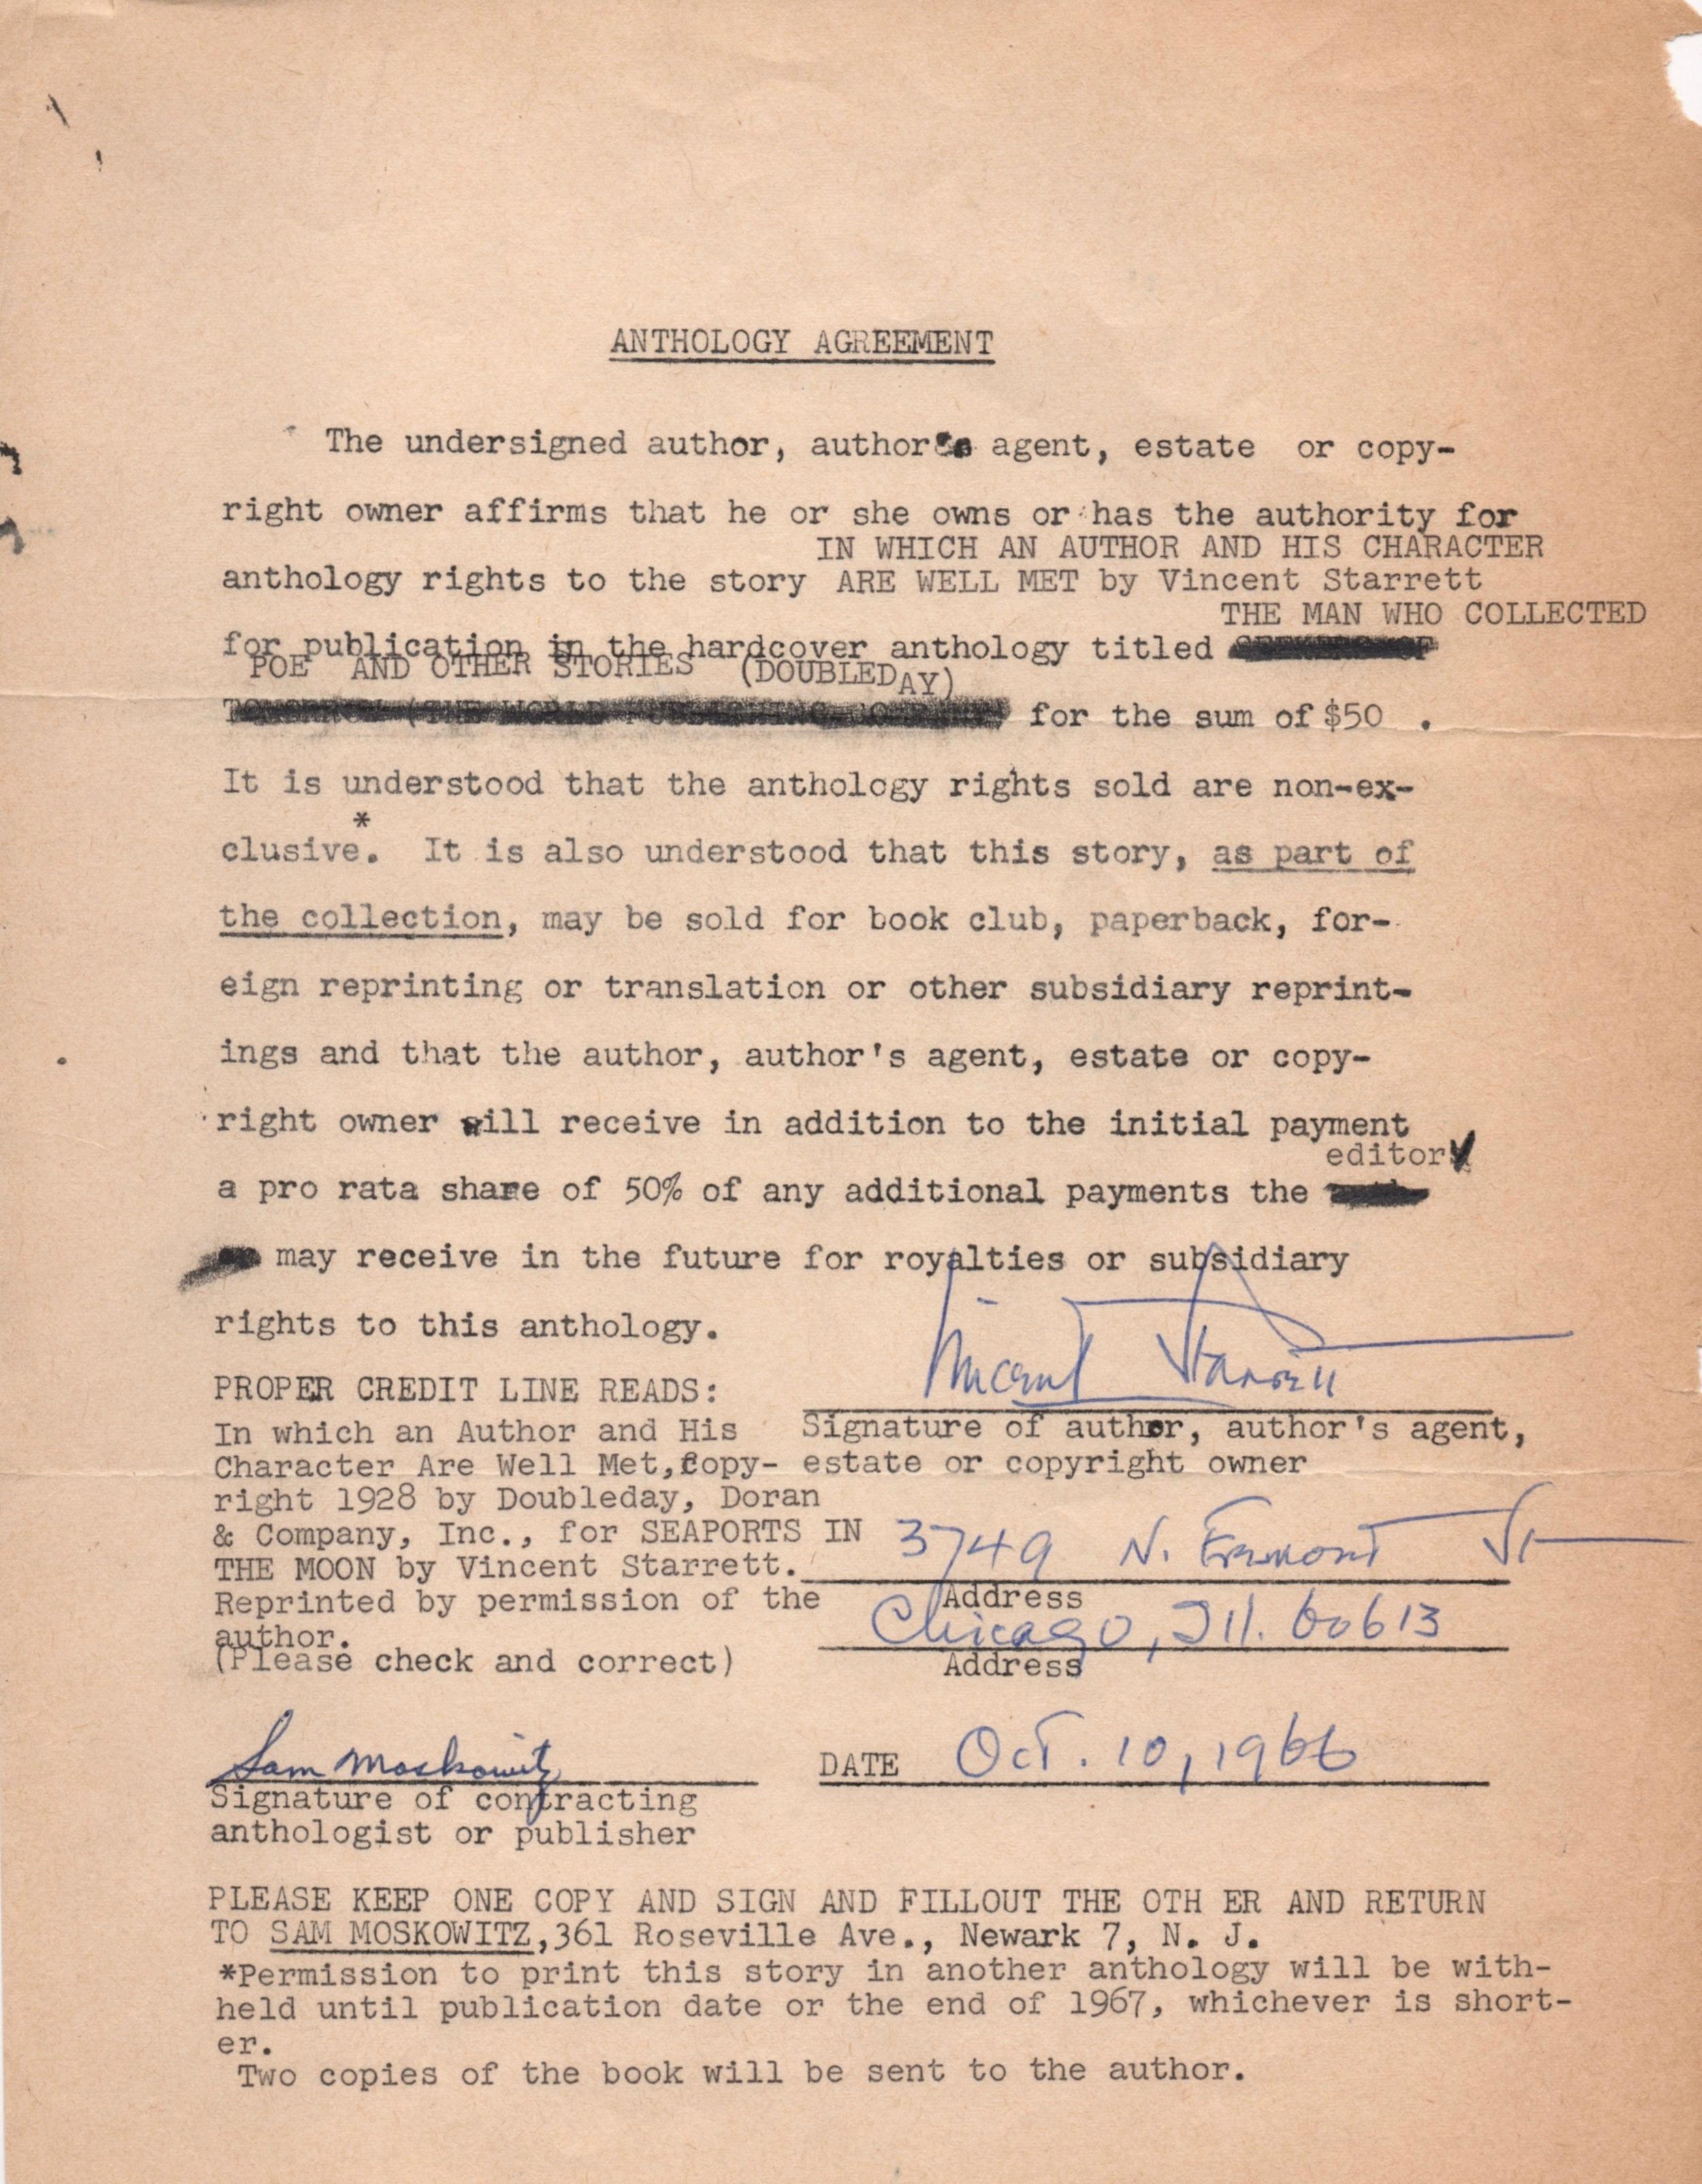 The contract between Moskowitz and Starrett.